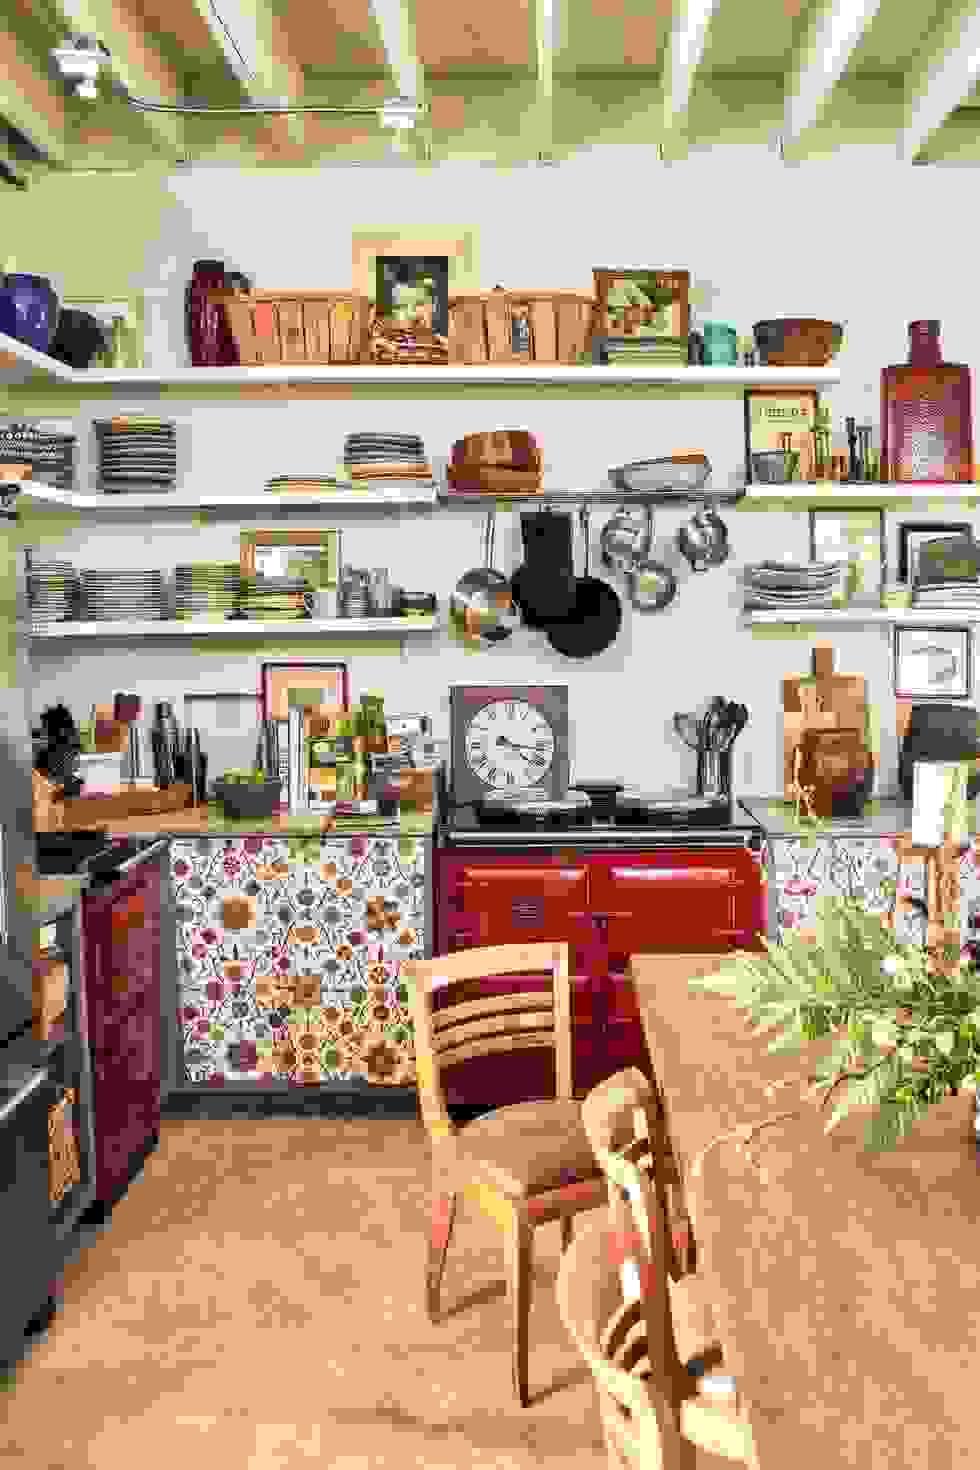 Bohemian kitchen | Source: housebeautiful.com